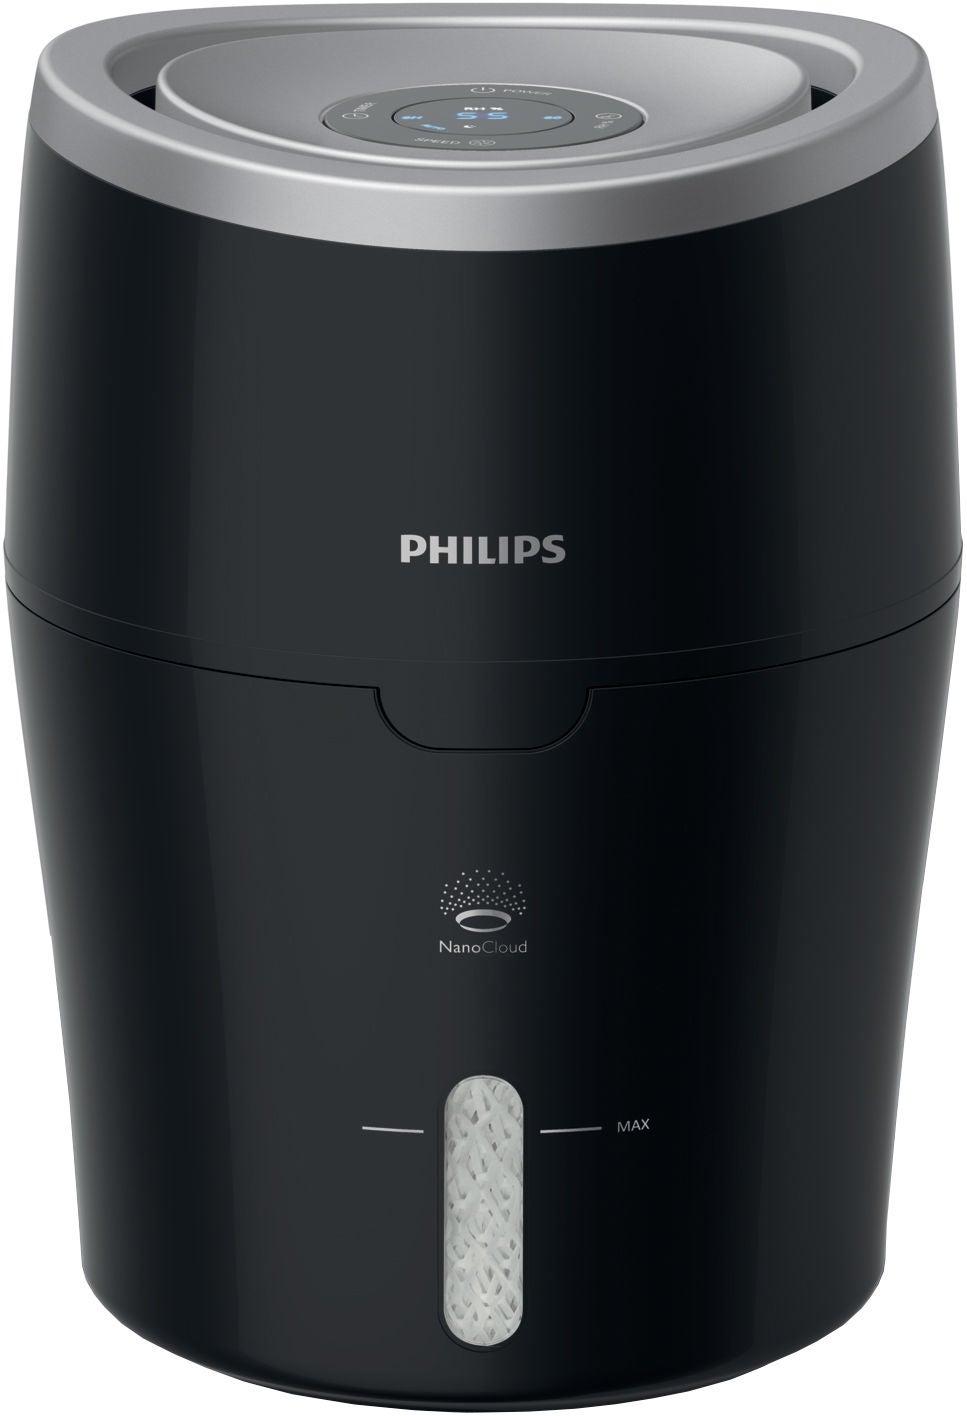 Philips 2000 Ilmankostutin, Musta